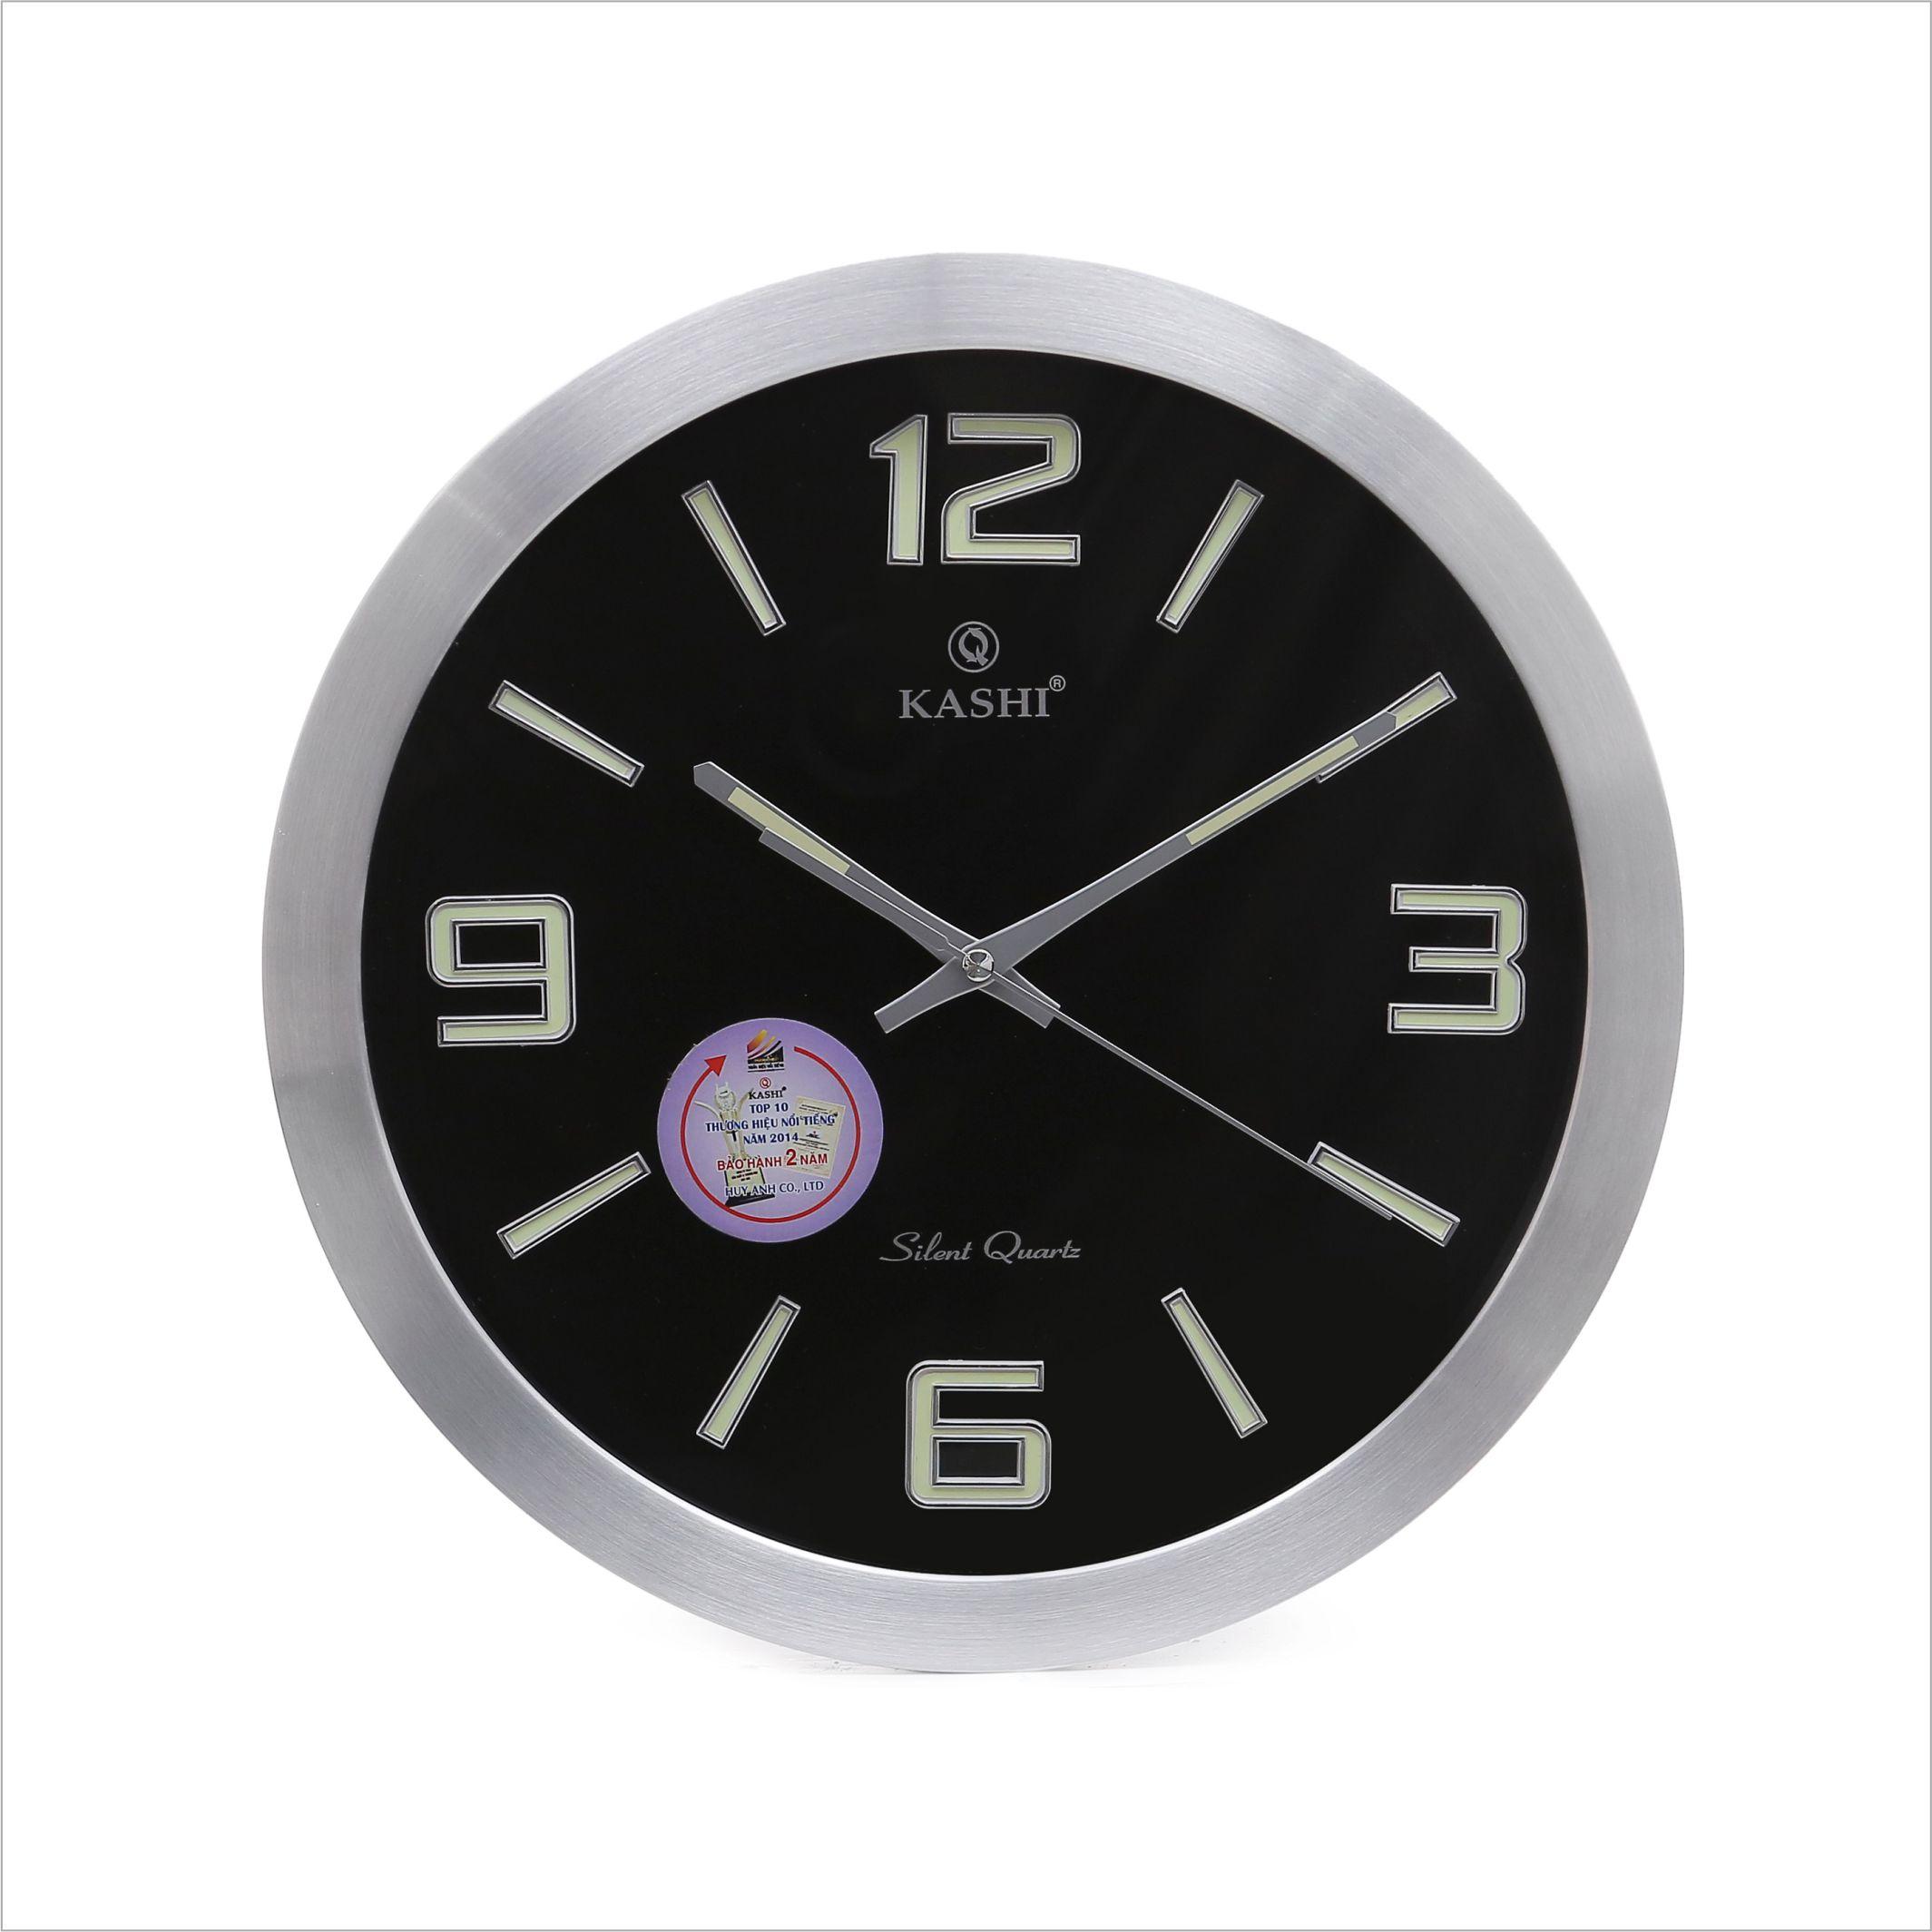 Đồng hồ treo tường vành nhôm DHK707 Dạ quang đen Kashi 35cm